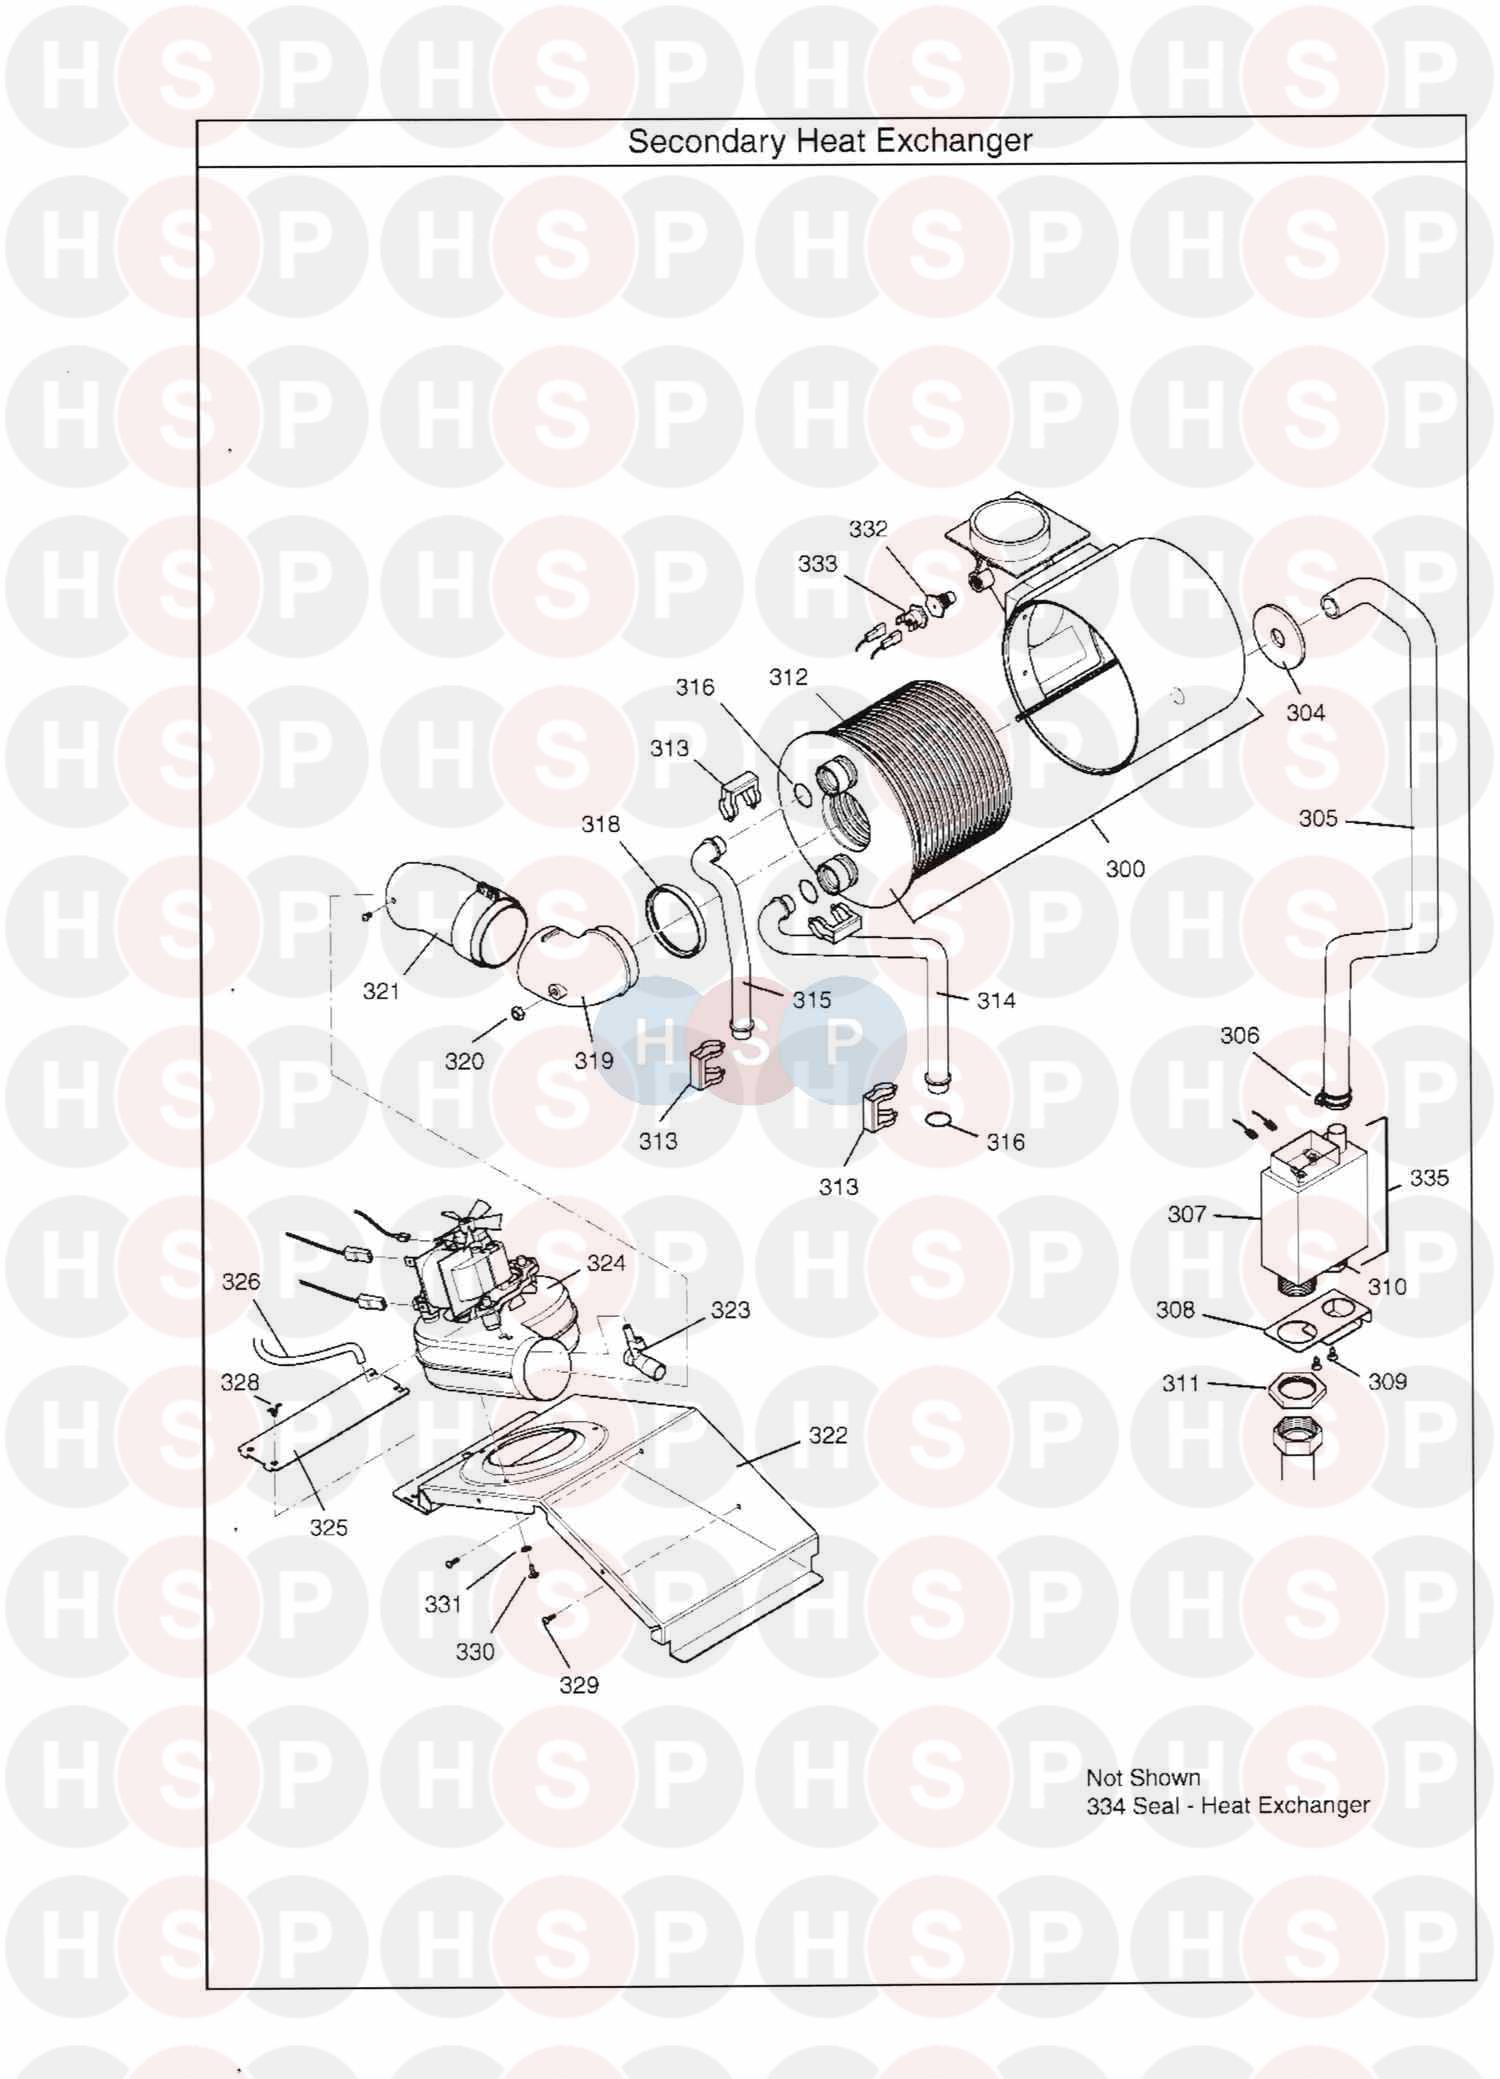 Main Combi 30HE Appliance Diagram (HEAT EXCHANGER